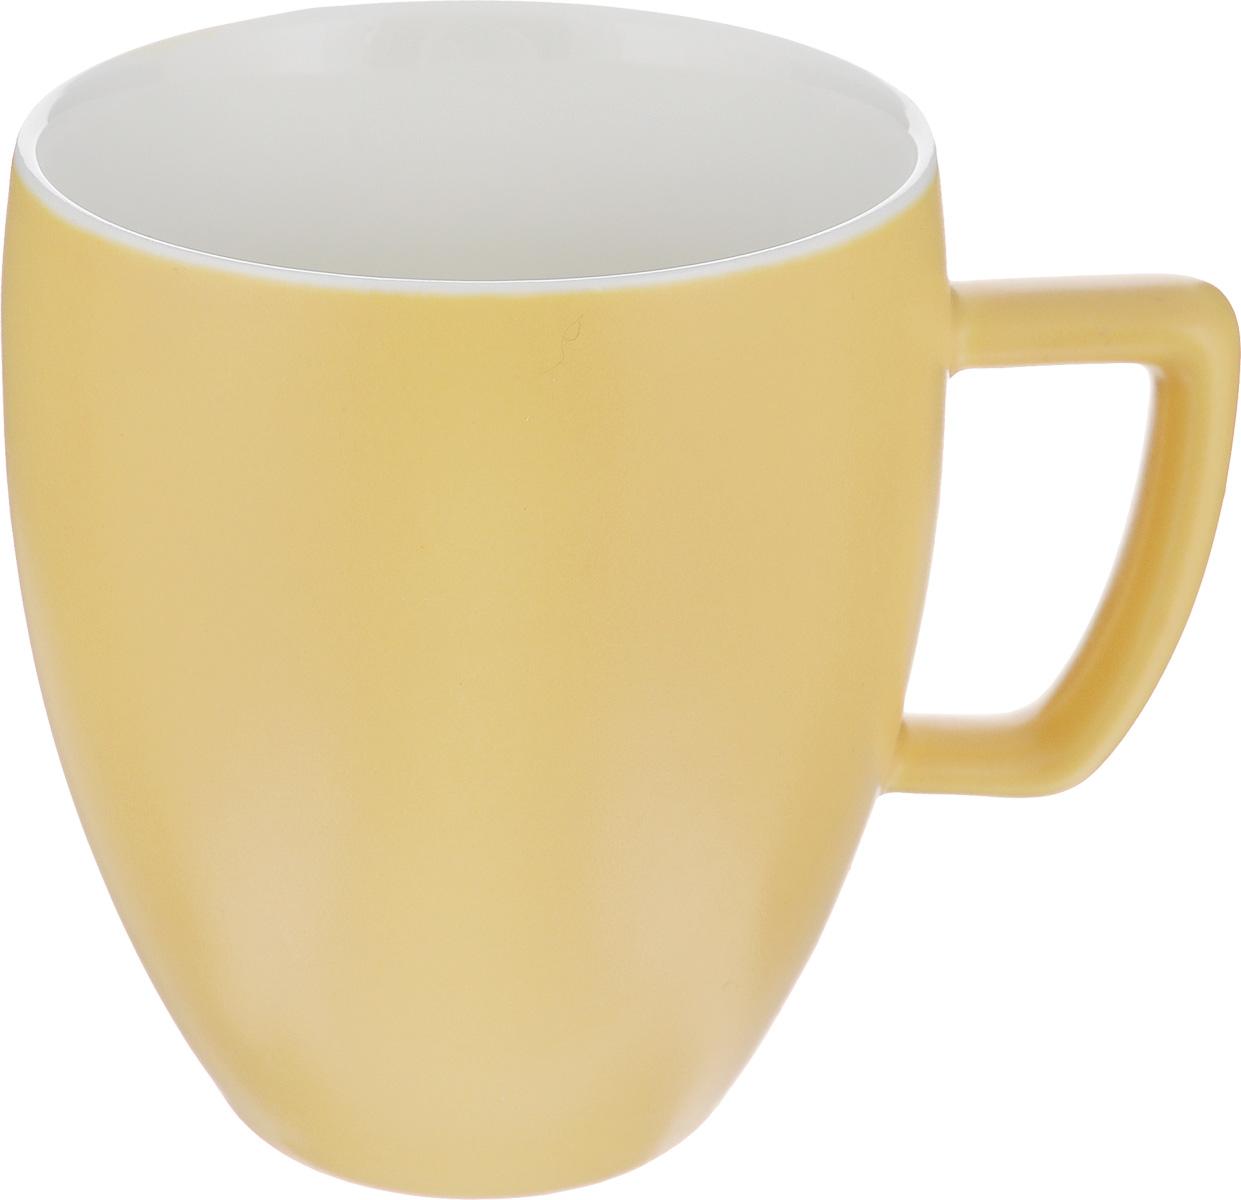 Кружка Tescoma Crema Tone, цвет: желтый, 300 мл387146_желтыйКружка Tescoma Crema Tone, изготовленная из высококачественного фарфора, прекрасно дополнит интерьер вашей кухни. Изящный дизайн кружки придется по вкусу и ценителям классики, и тем, кто предпочитает утонченность и изысканность. Кружка Tescoma Crema Tone станет хорошим подарком к любому празднику. Диаметр (по верхнему краю): 8 см. Высота: 10 см.